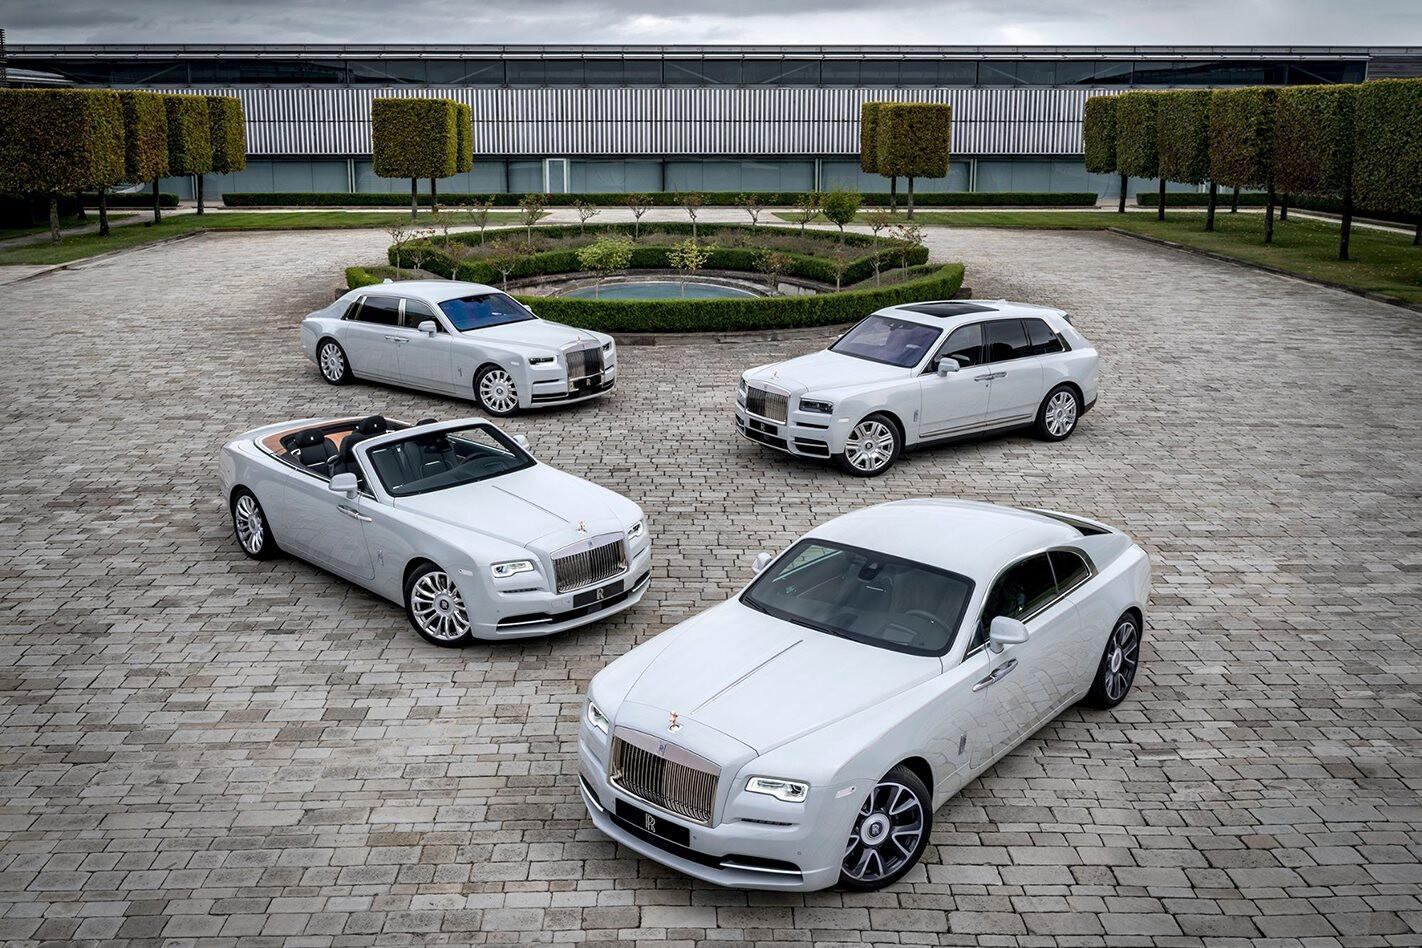 Rolls Royce range